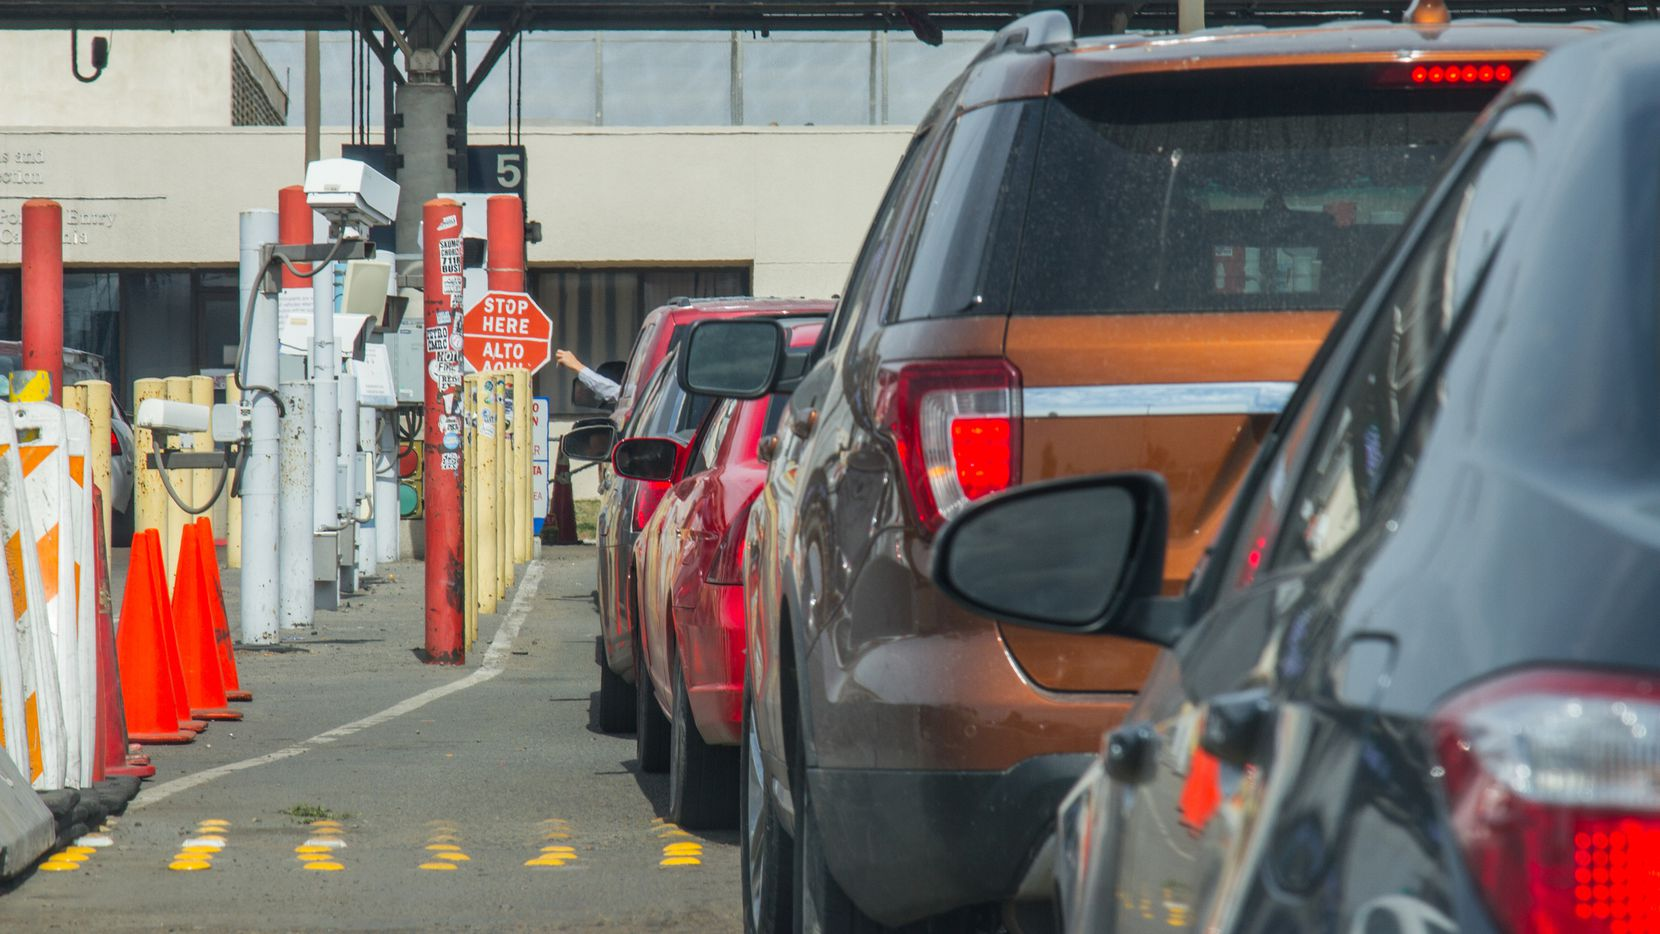 La frontera de Estados Unidos con México ha permanecido cerrada parcialmente desde el 21 de marzo, por la pandemia de coronavirus.